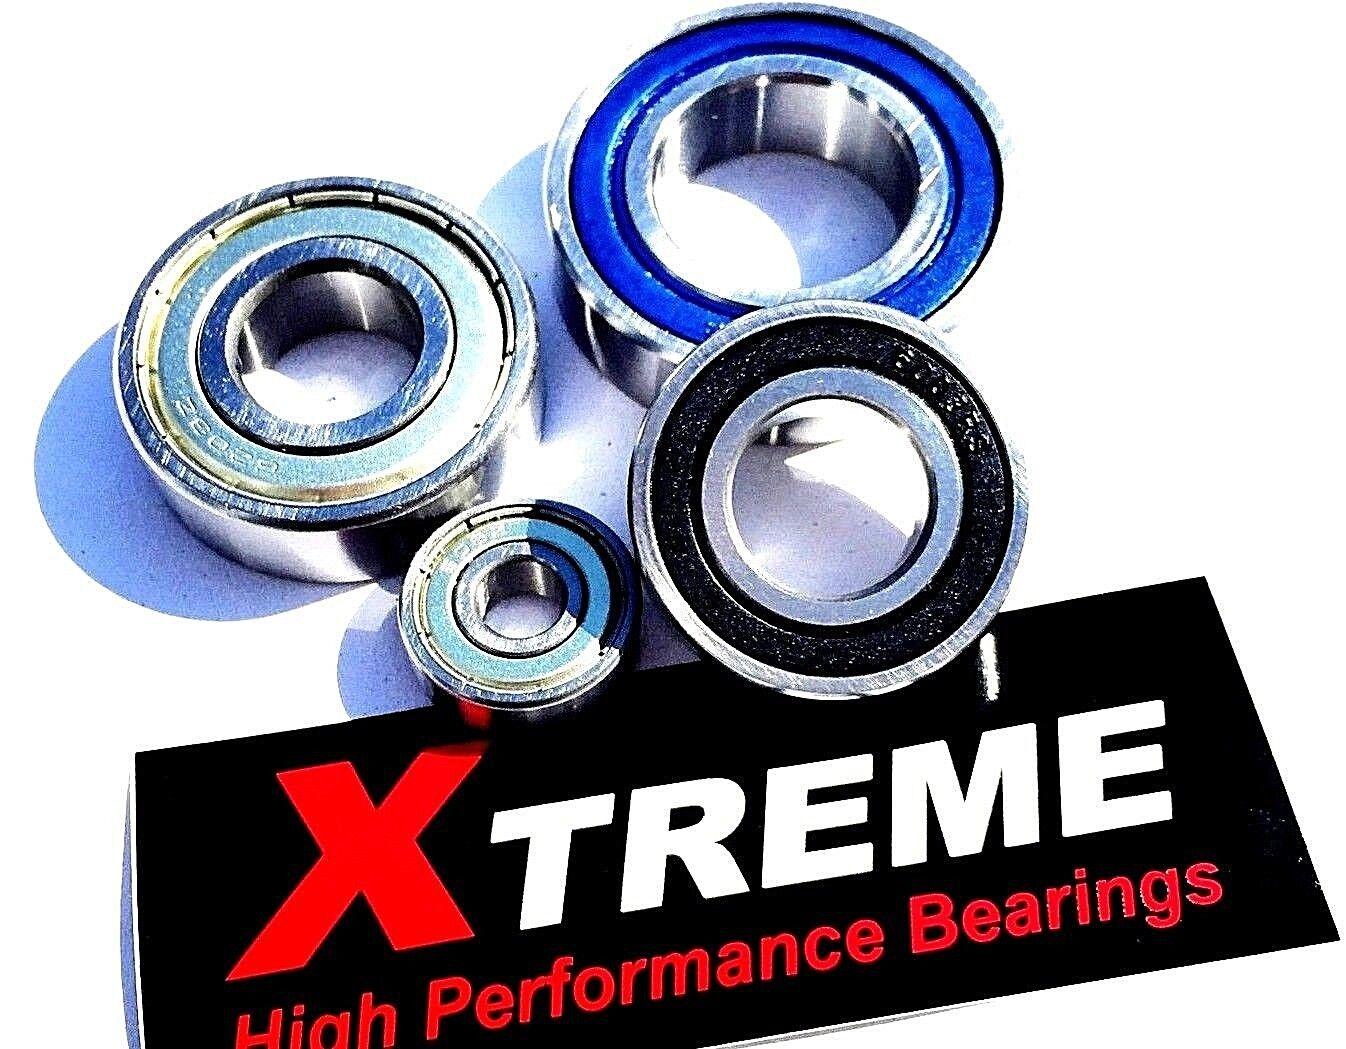 Xtreme GO KART KARTING CYCLE BIKE STAINLESS BEARINGS FULL RANGE RACE - UK SELLER